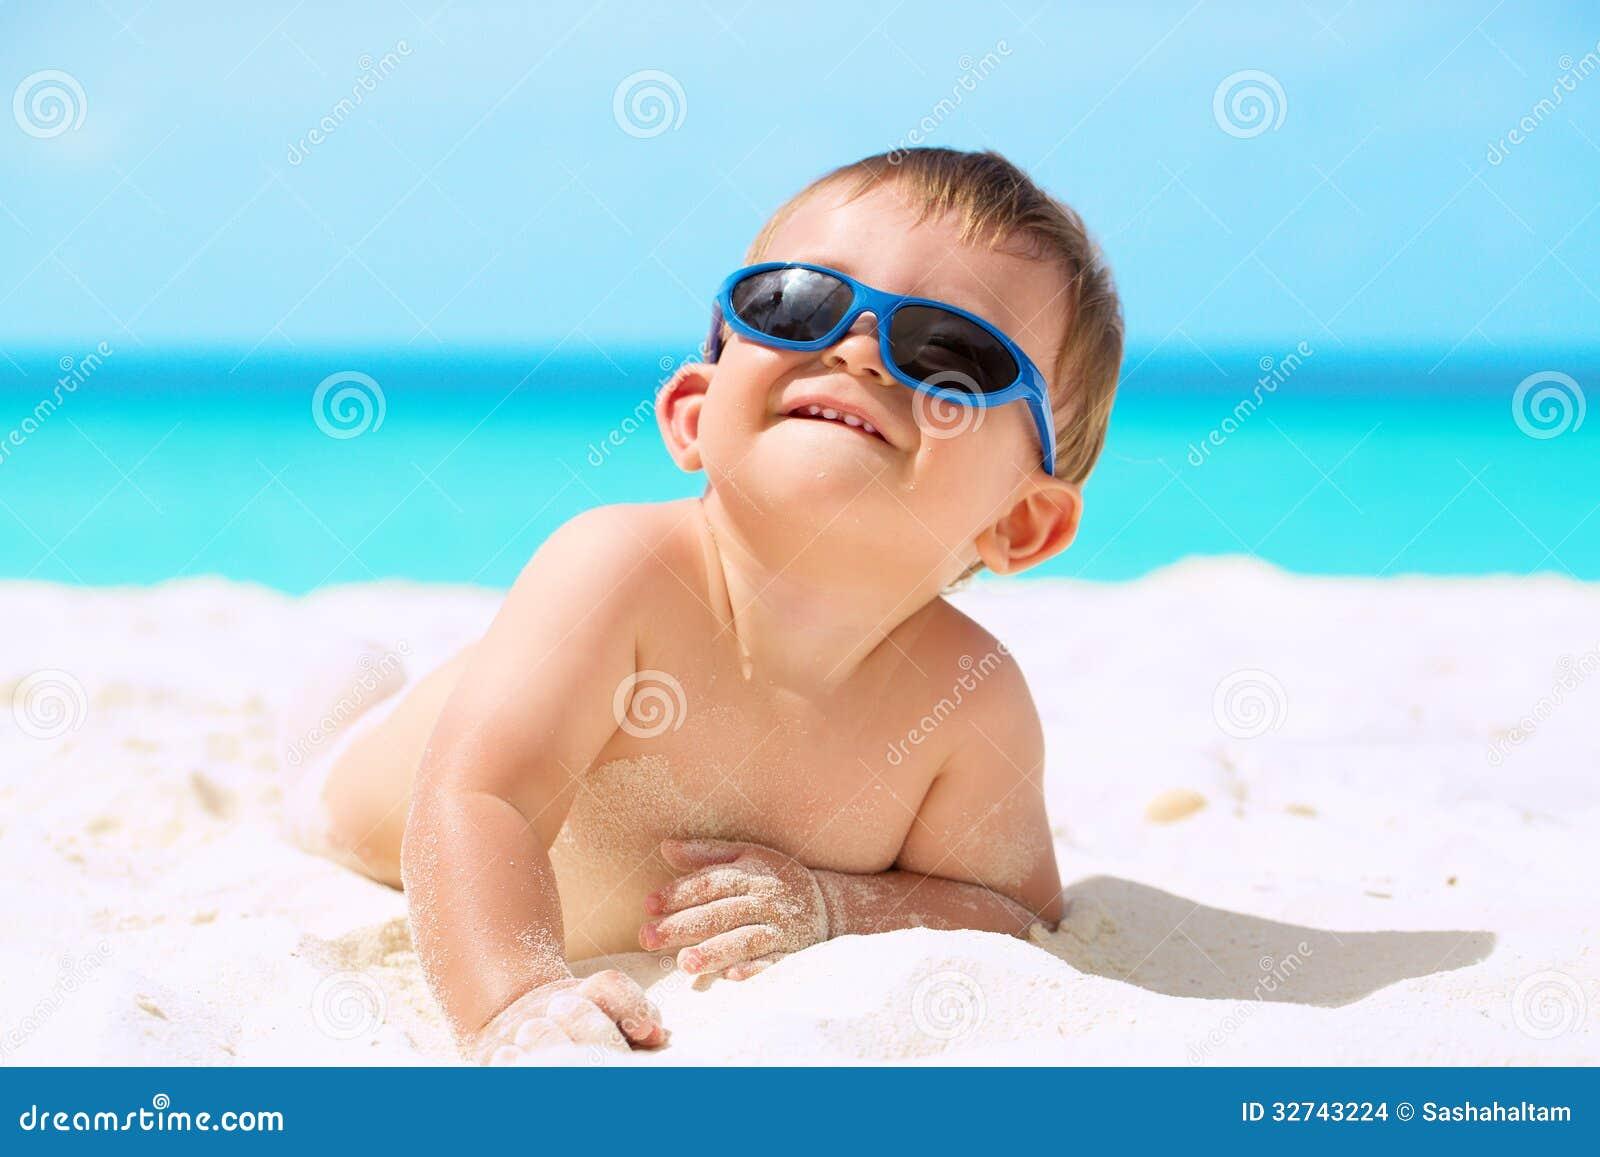 aff1140744 Αστείο μωρό στην παραλία στοκ εικόνες. εικόνα από ελάχιστα - 32743224